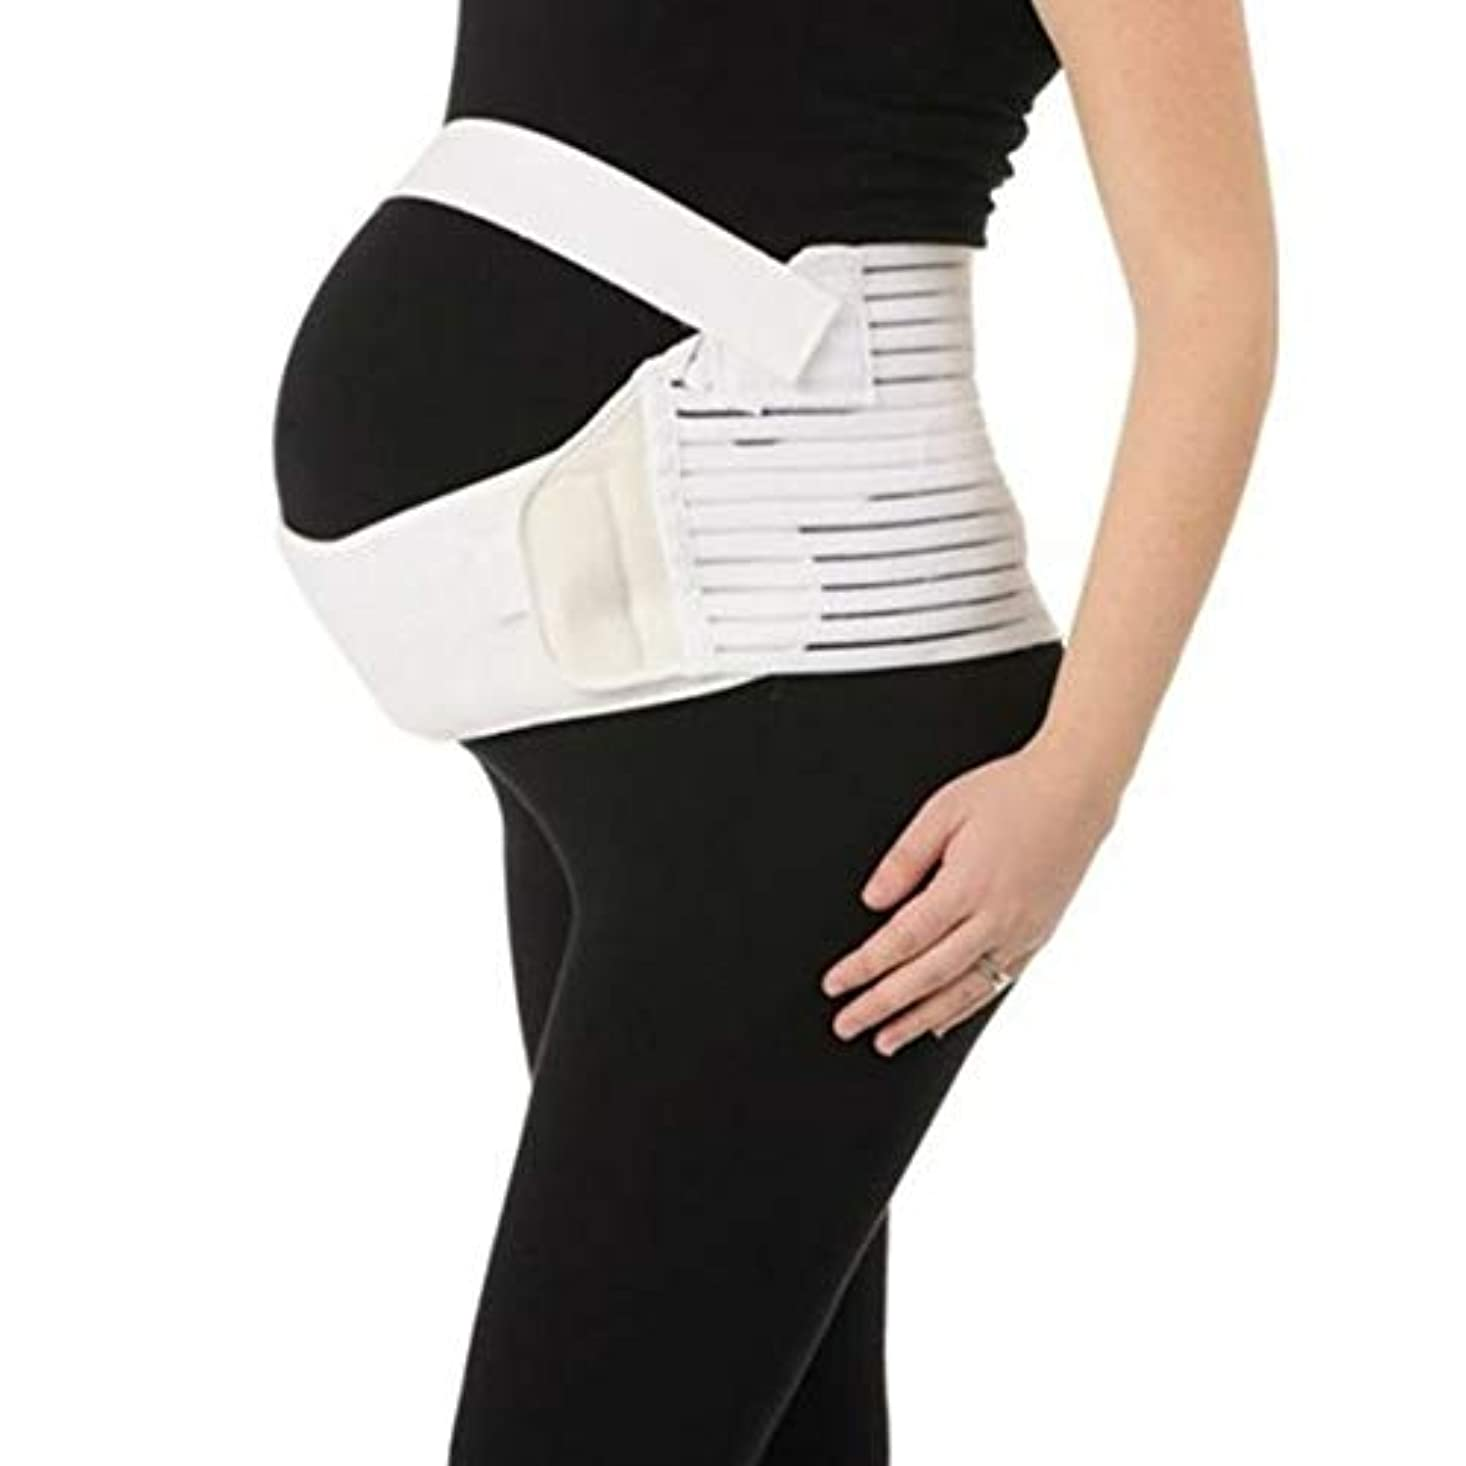 首謀者野生パーティション通気性マタニティベルト妊娠腹部サポート腹部バインダーガードル運動包帯産後回復形状ウェア - ホワイトXL